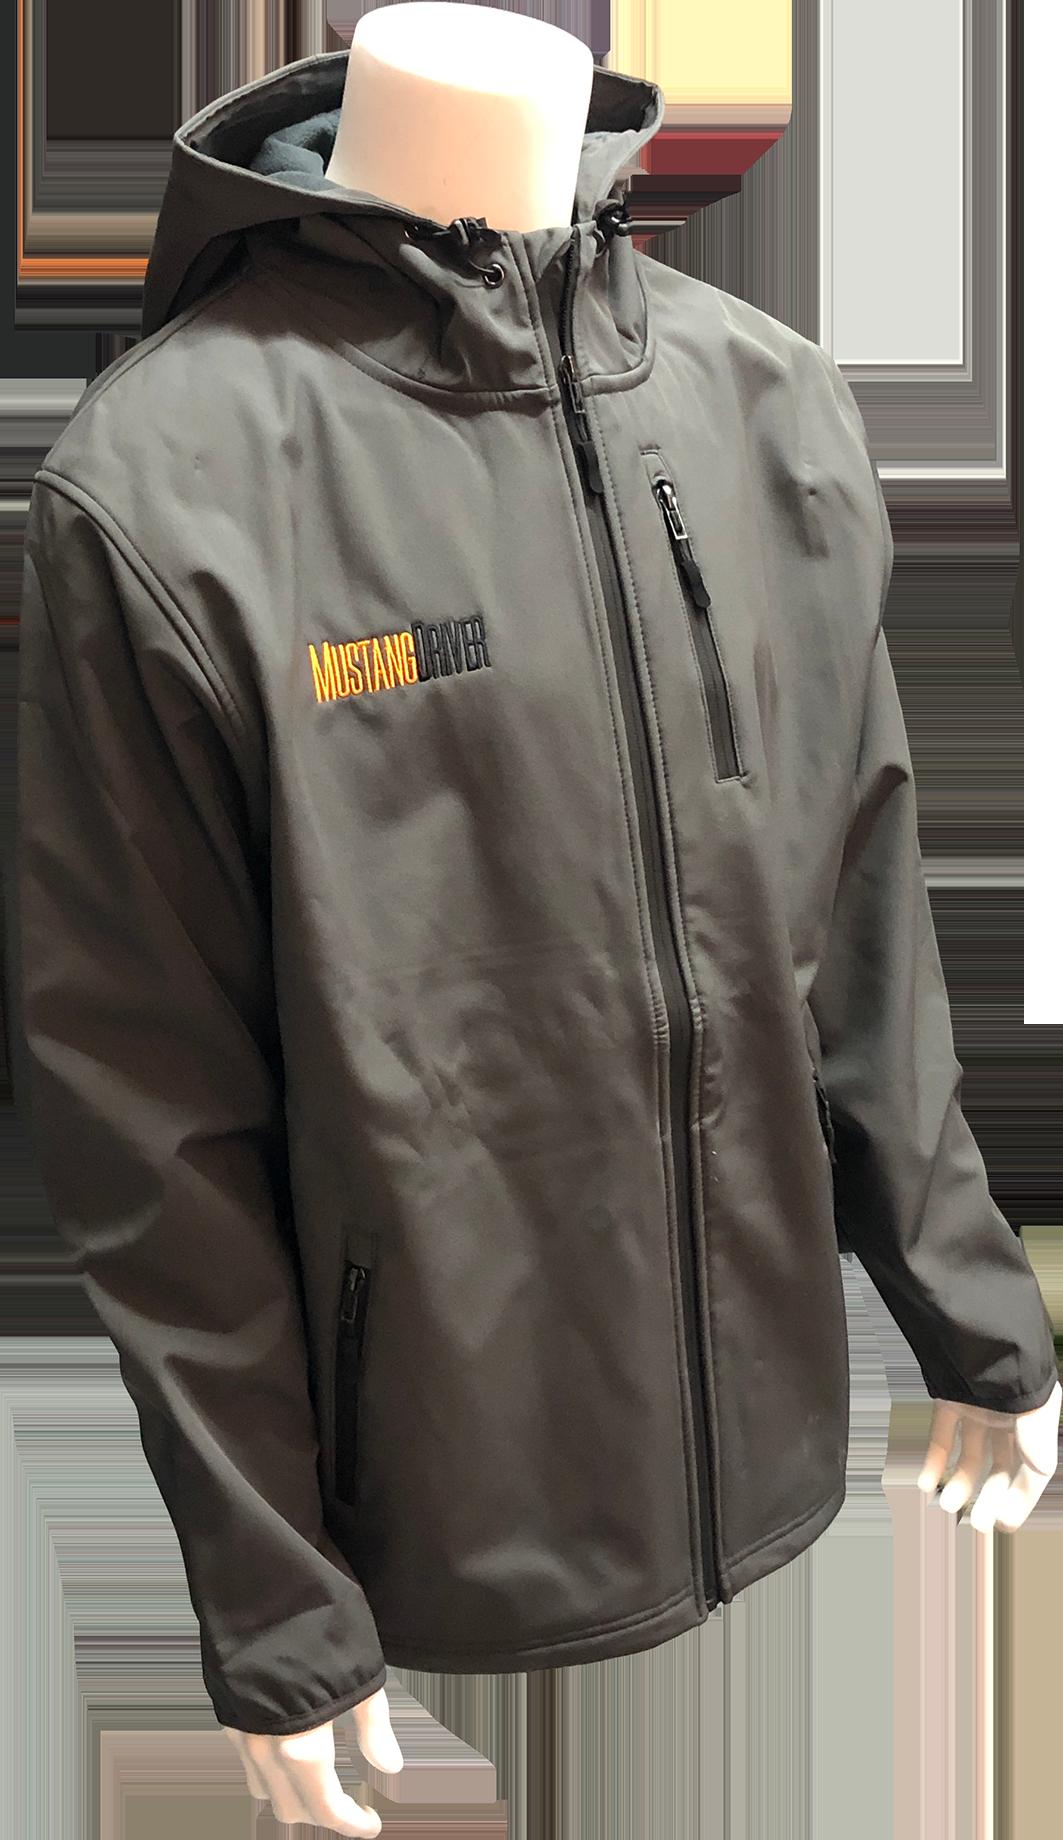 The Hard Core Enthusiast Jacket